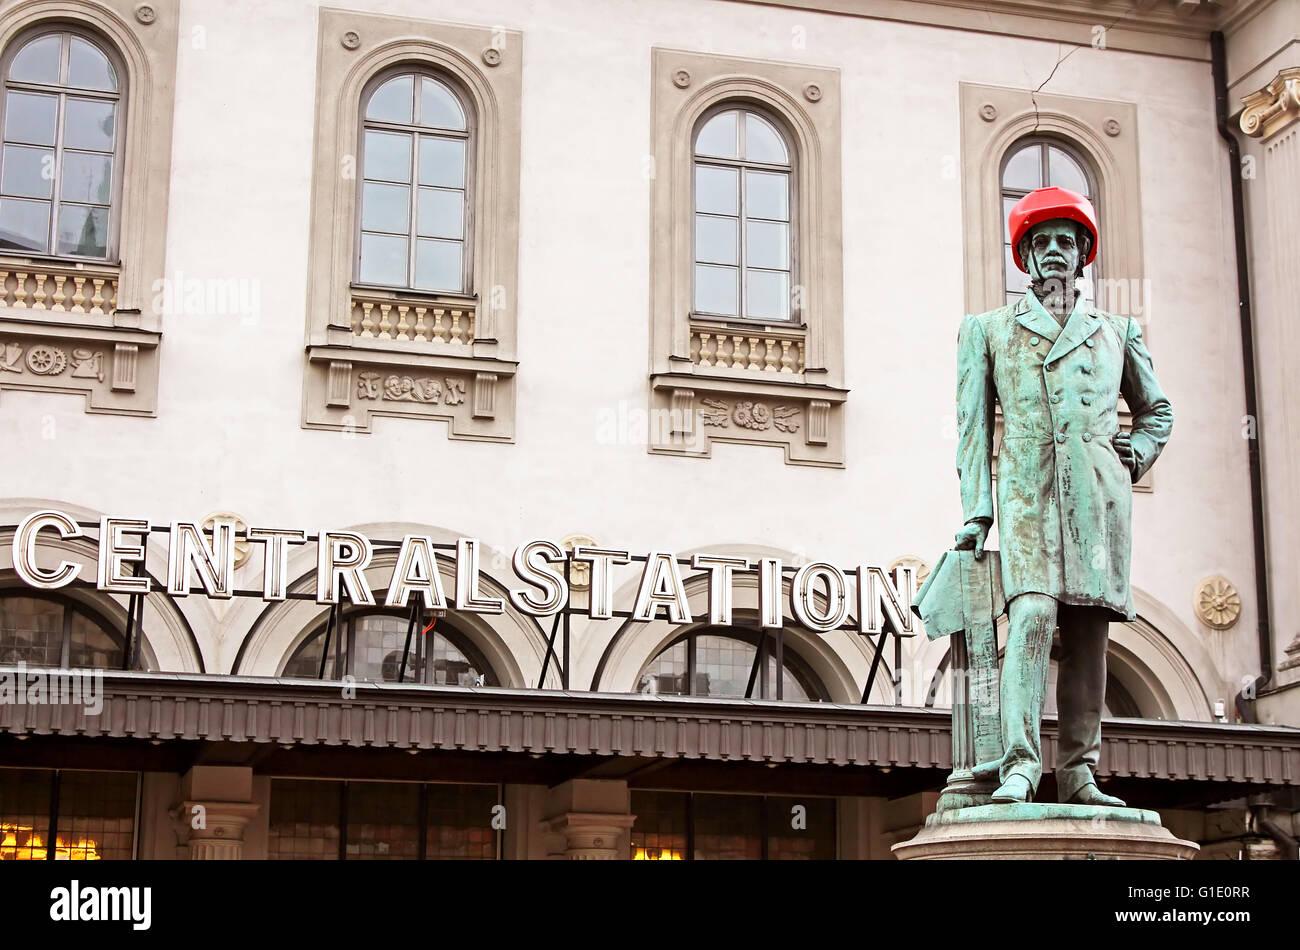 STOCKHOLM, Schweden - 17. Oktober 2013: Satue von Nils Ericson vor dem Hauptbahnhof in Stockholm mit rotem Schutzhelm Stockbild